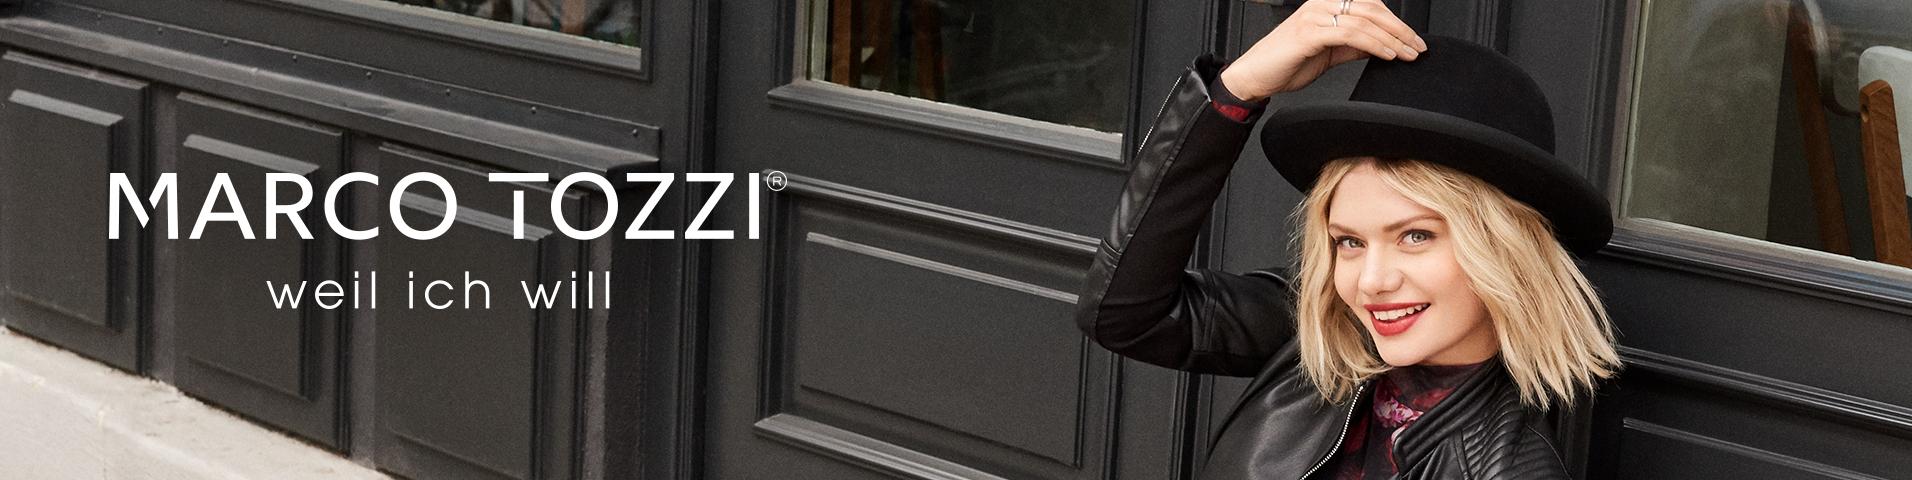 Marco Tozzi Online Shop   Marco Tozzi online bestellen bei Zalando 3da04d7754